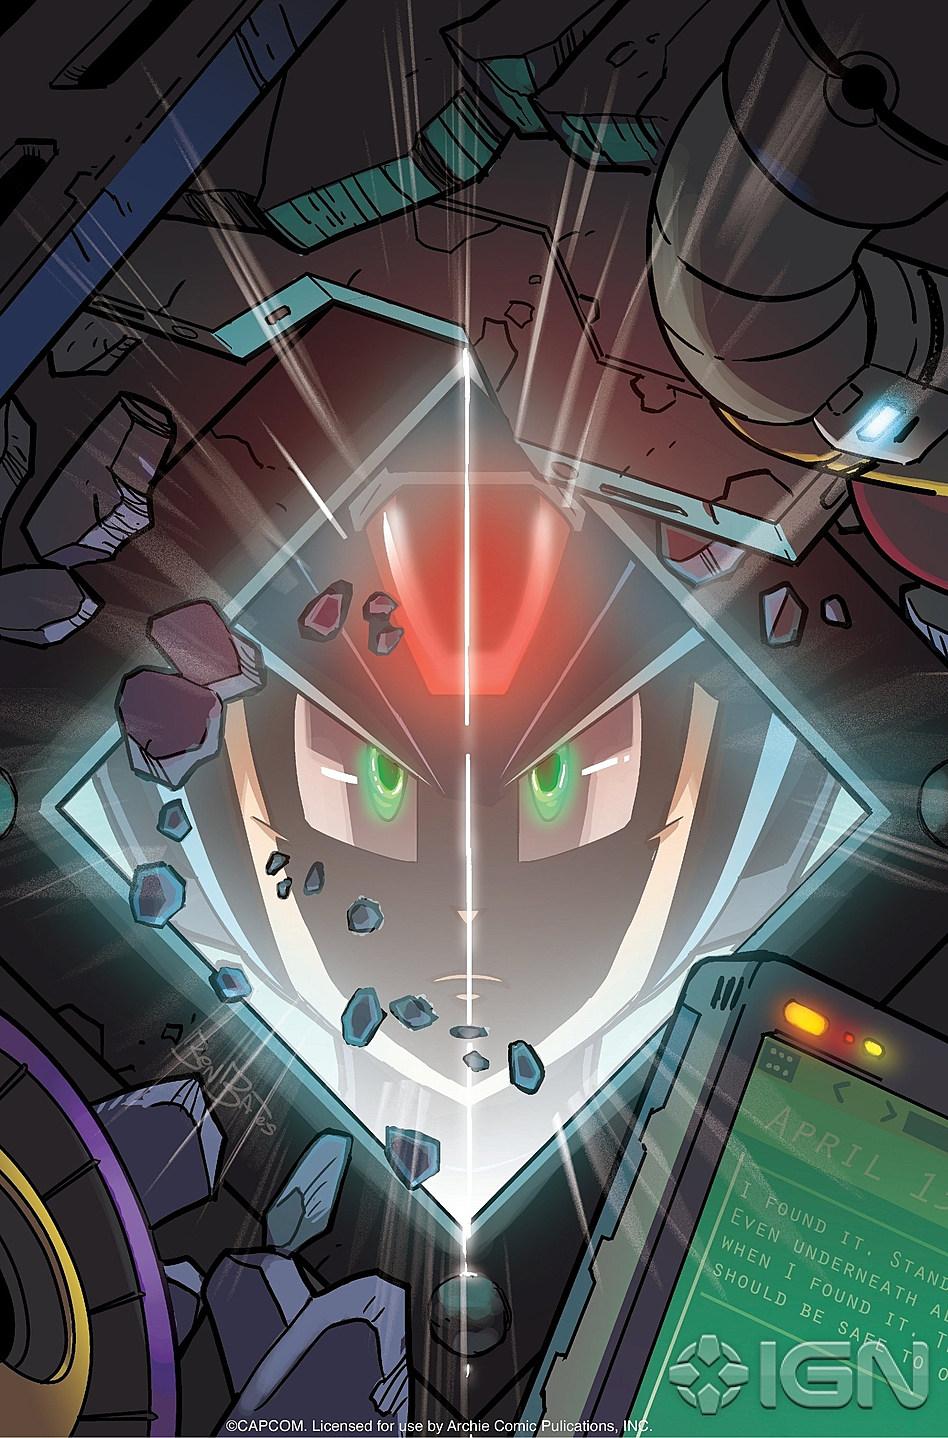 [Ficha Completa] Mega Man X - X Mega-Man-X-Archie-Comics